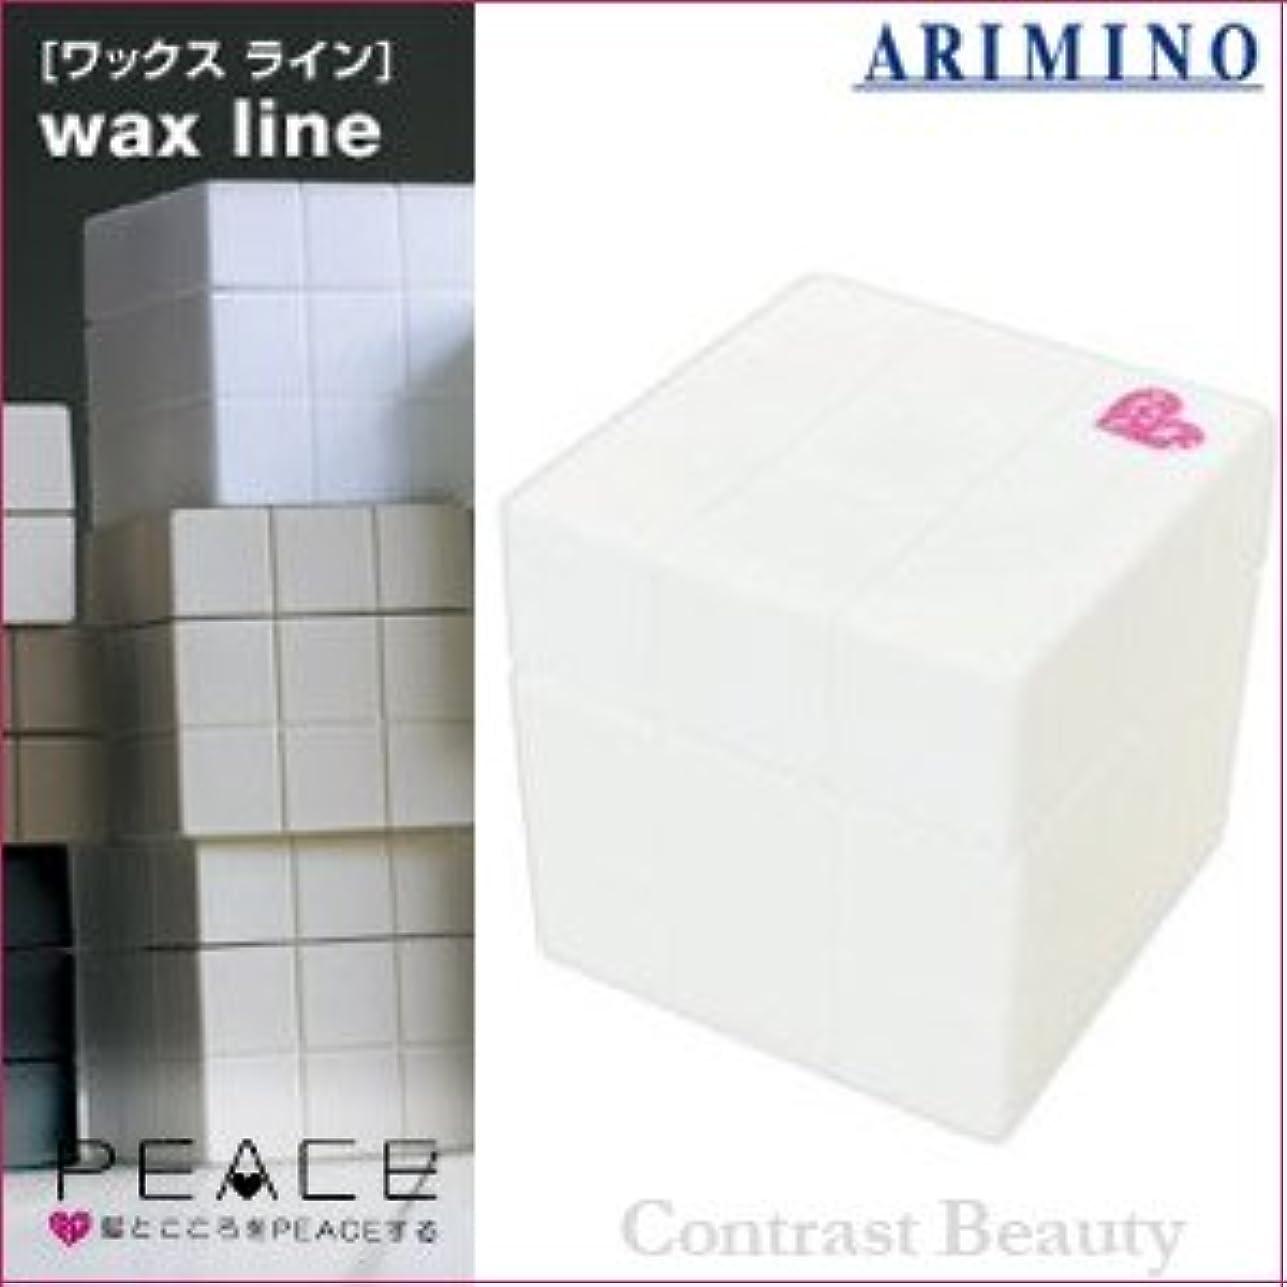 童謡泳ぐ審判【X5個セット】 アリミノ ピース プロデザインシリーズ グロスワックス ホワイト 80g ARIMINO